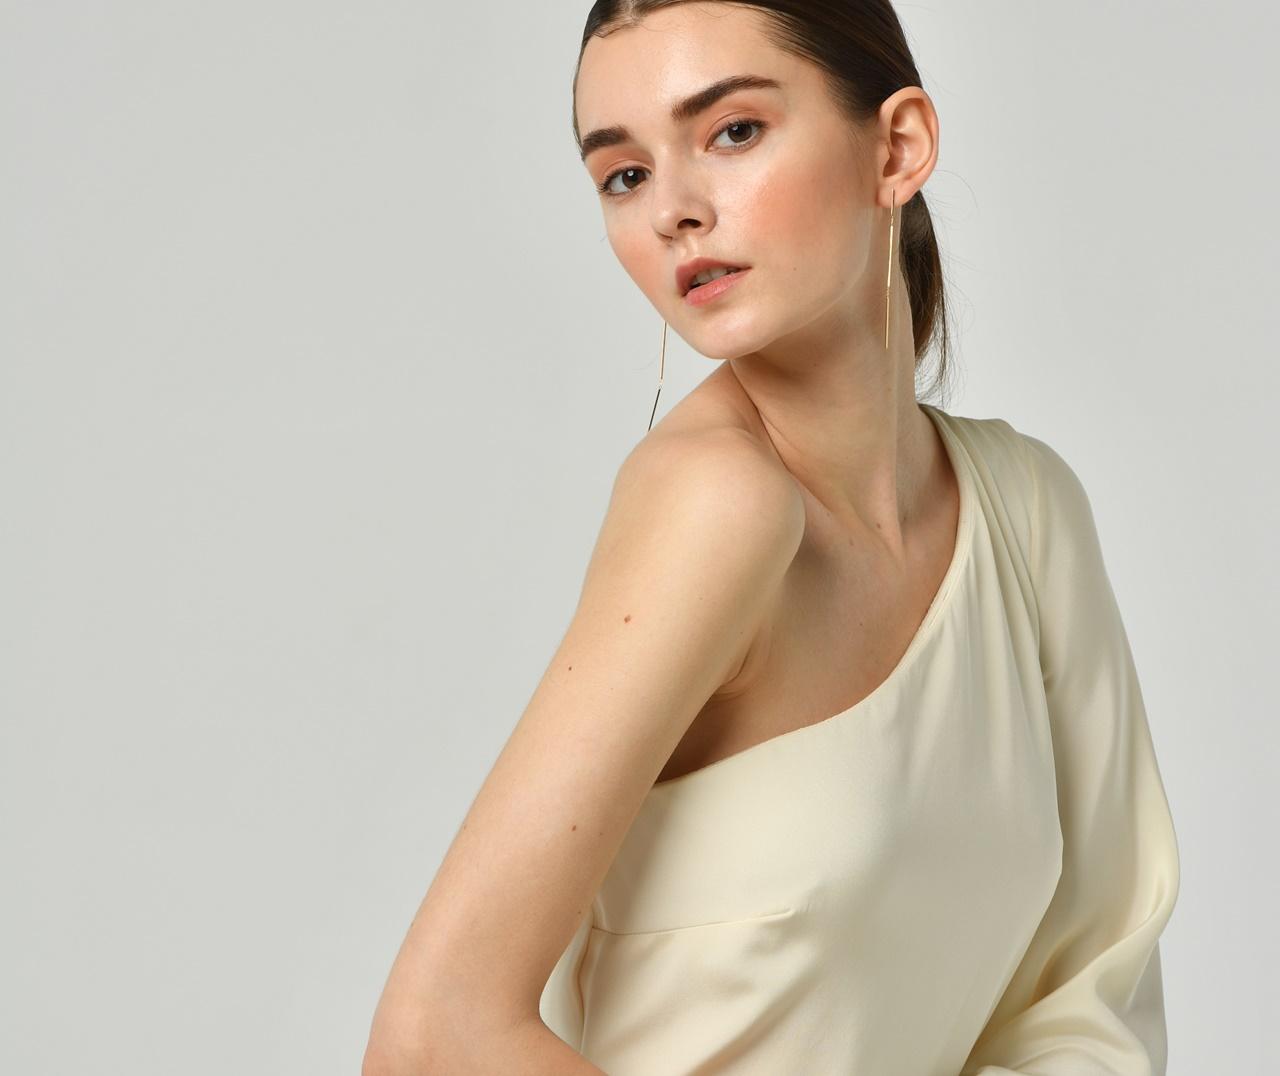 フォトウェディングにおすすめなオシャレなドレスはワンショルダーのニコール・ミラーのシルクのウェディングドレス